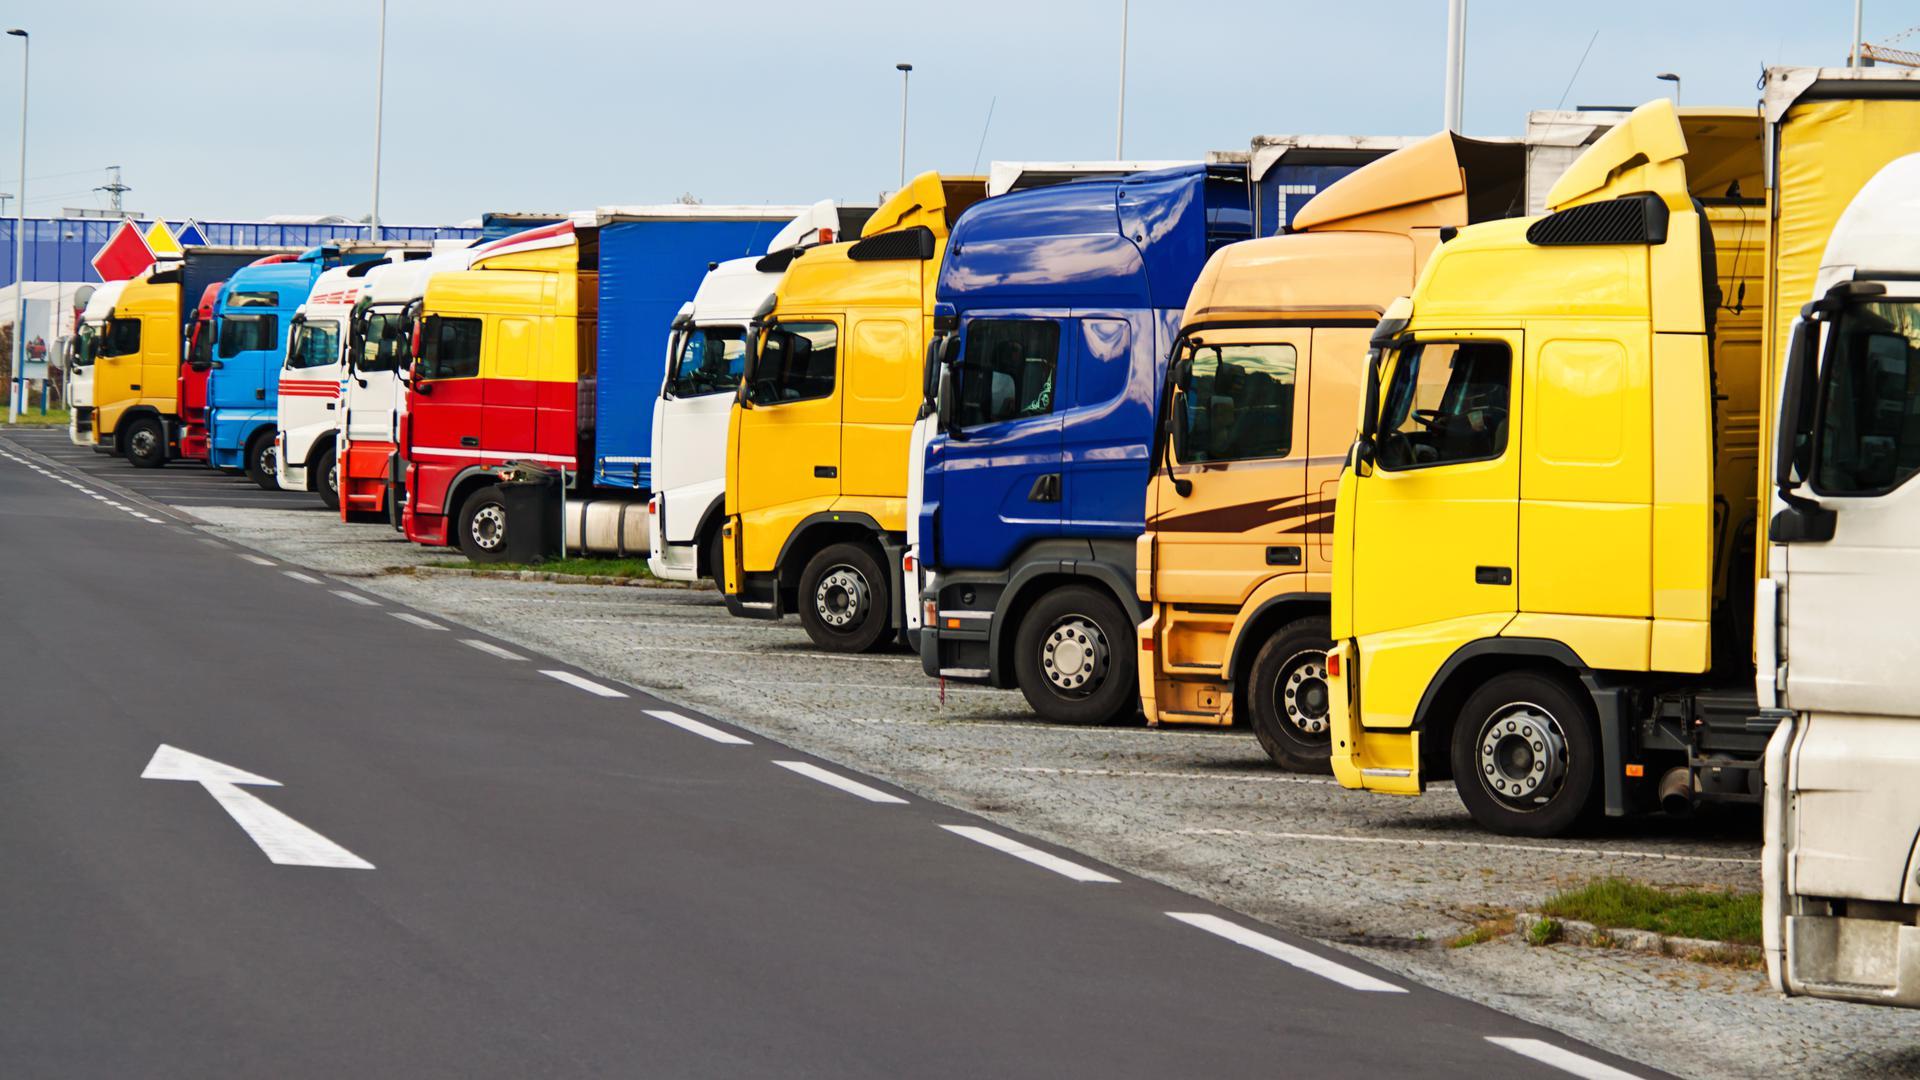 Viele LKWs auf einem Parkplatz.